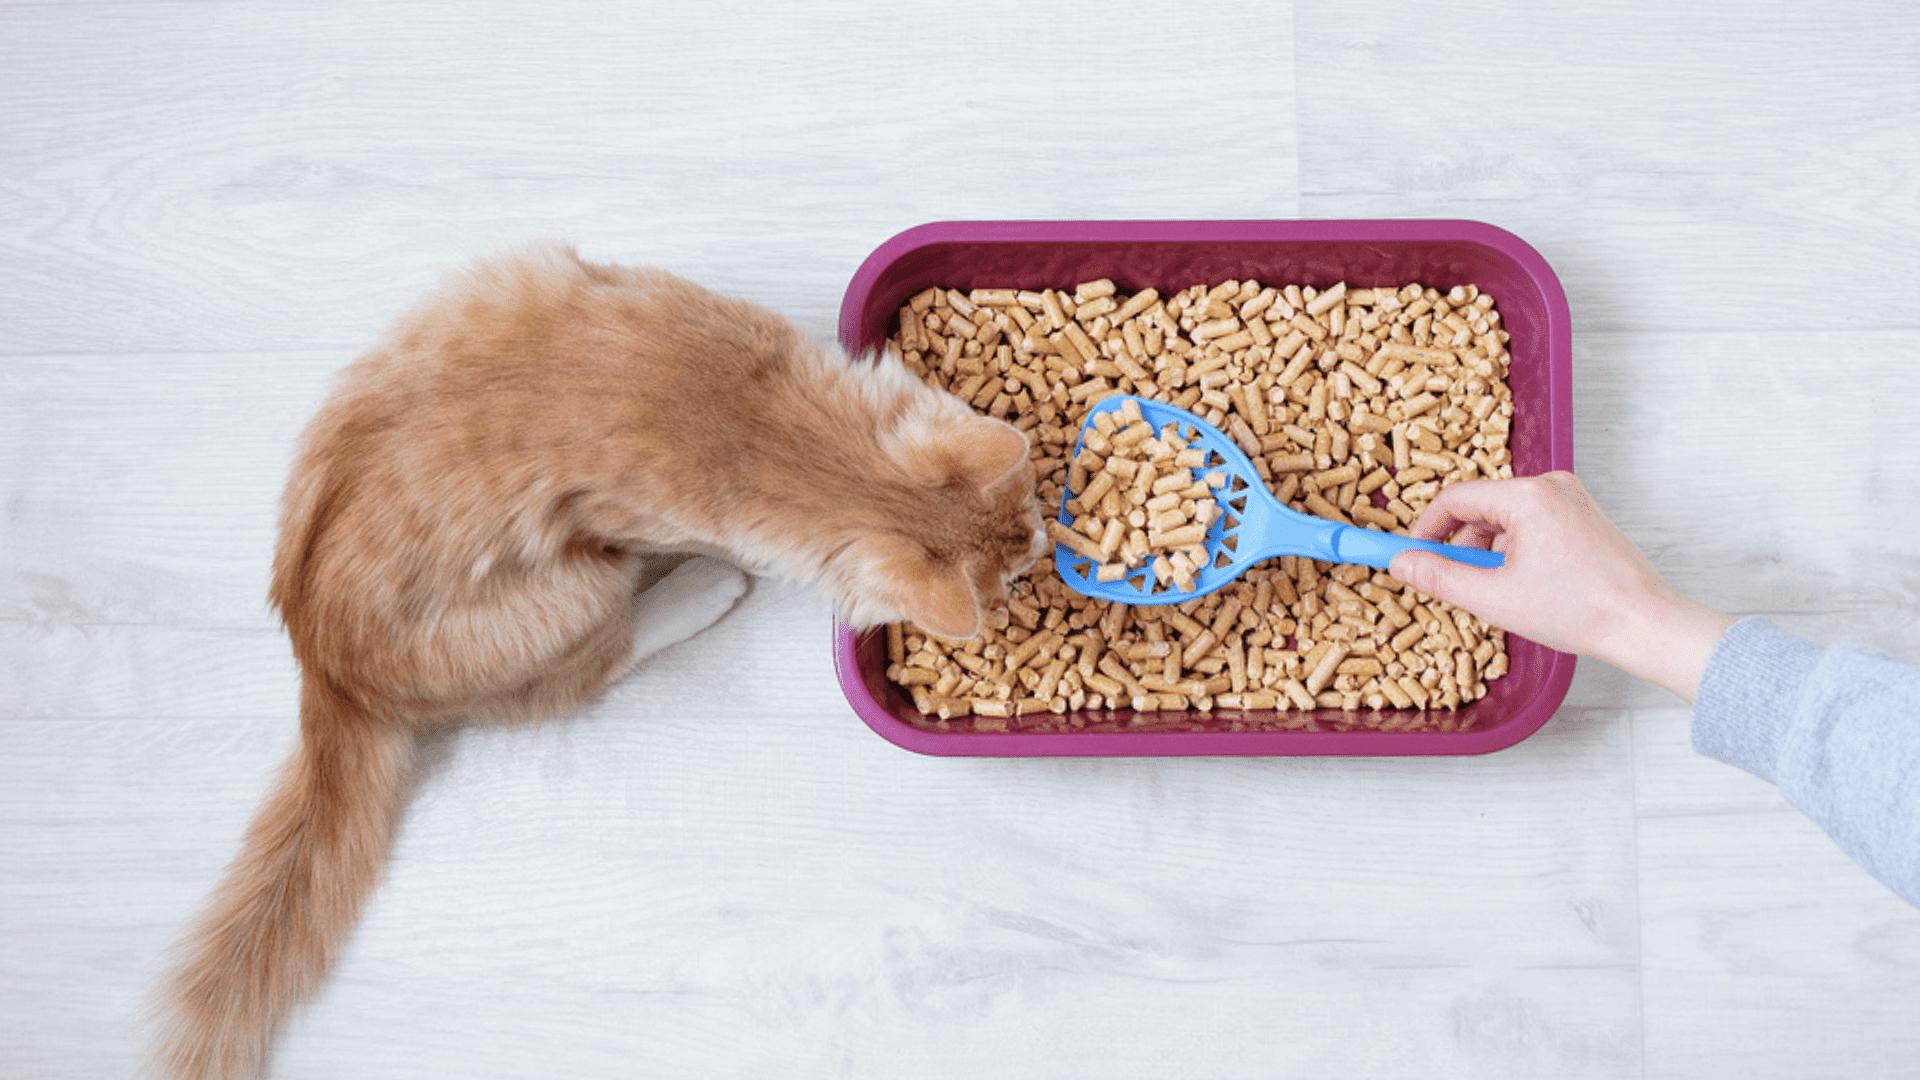 A areia para gato biodegradável é sustentável e reciclável (Imagem: Reprodução/Shutterstock)